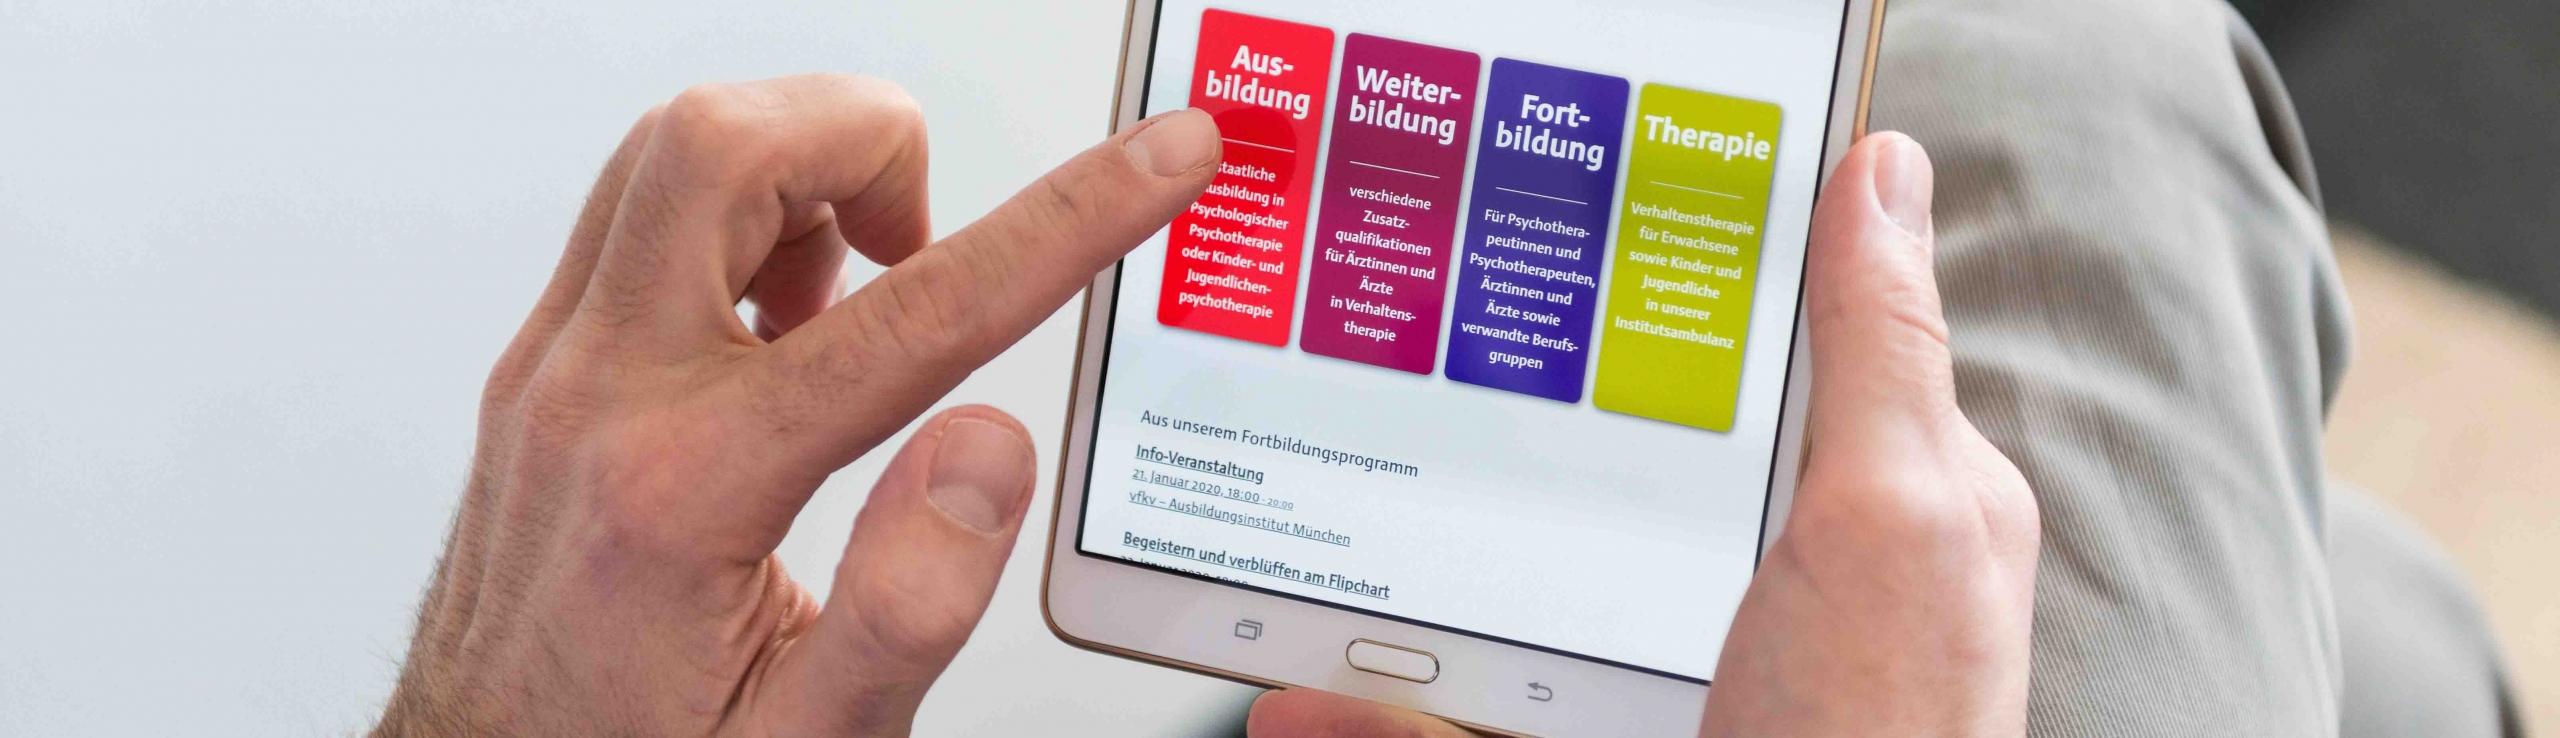 Bild mit Startseite auf einem Tablet